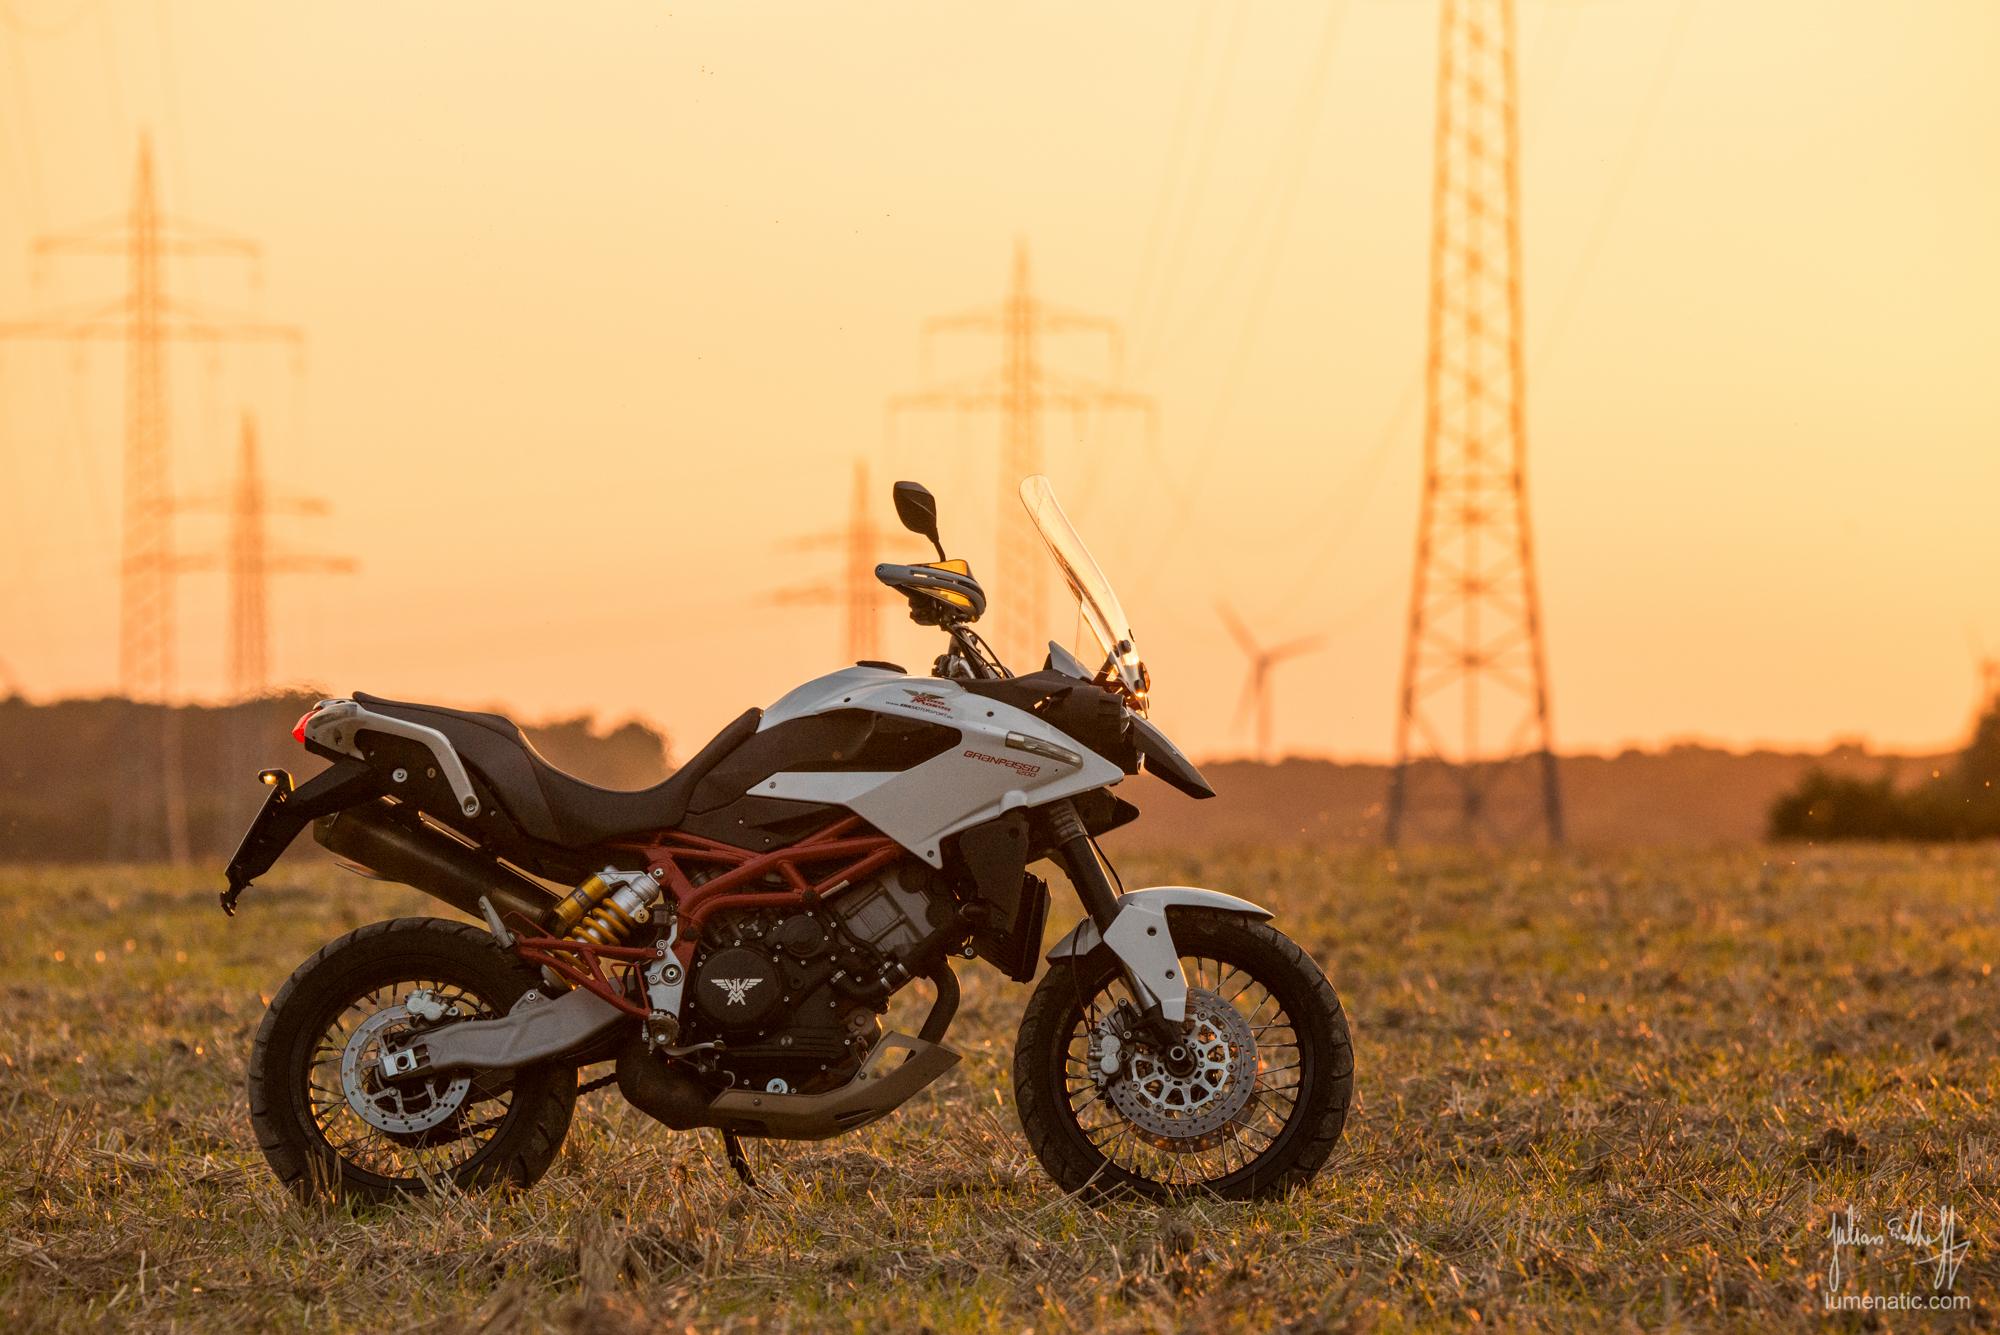 Spontanes Motorrad-Fotoshooting im Sonnenuntergang